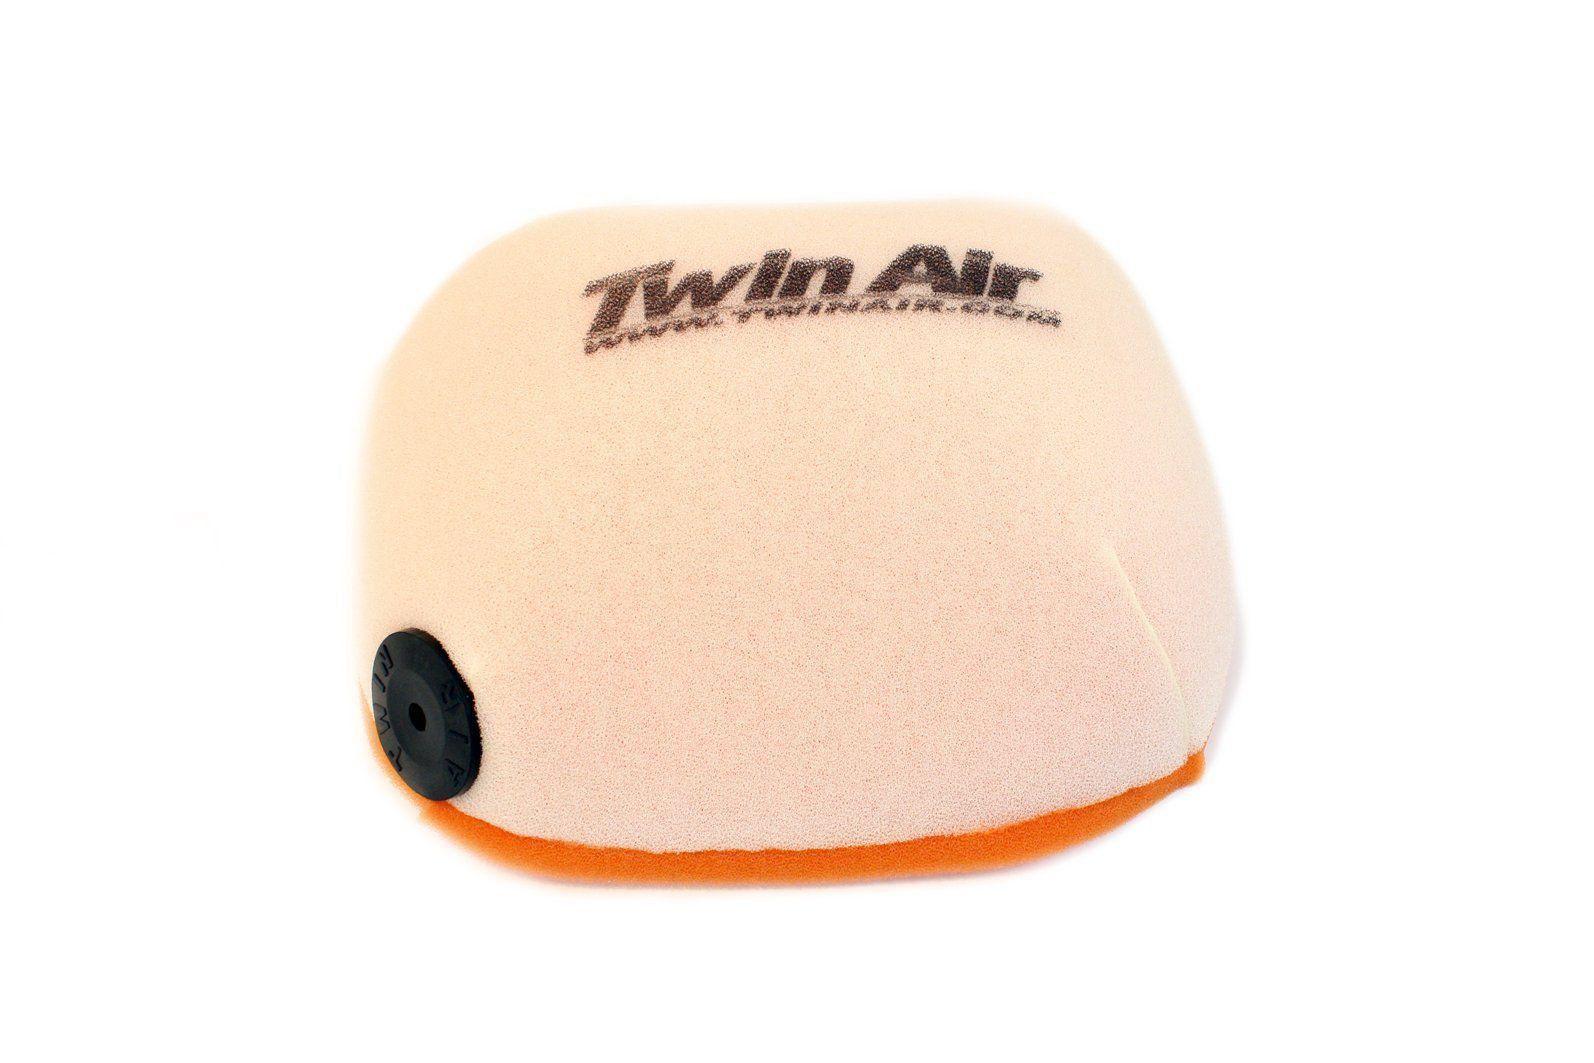 Filtro De Ar Twin Air Husqvarna Fe Tc Ktm Sx Exc Xc 125 150 250 300 350 450 2016-2020